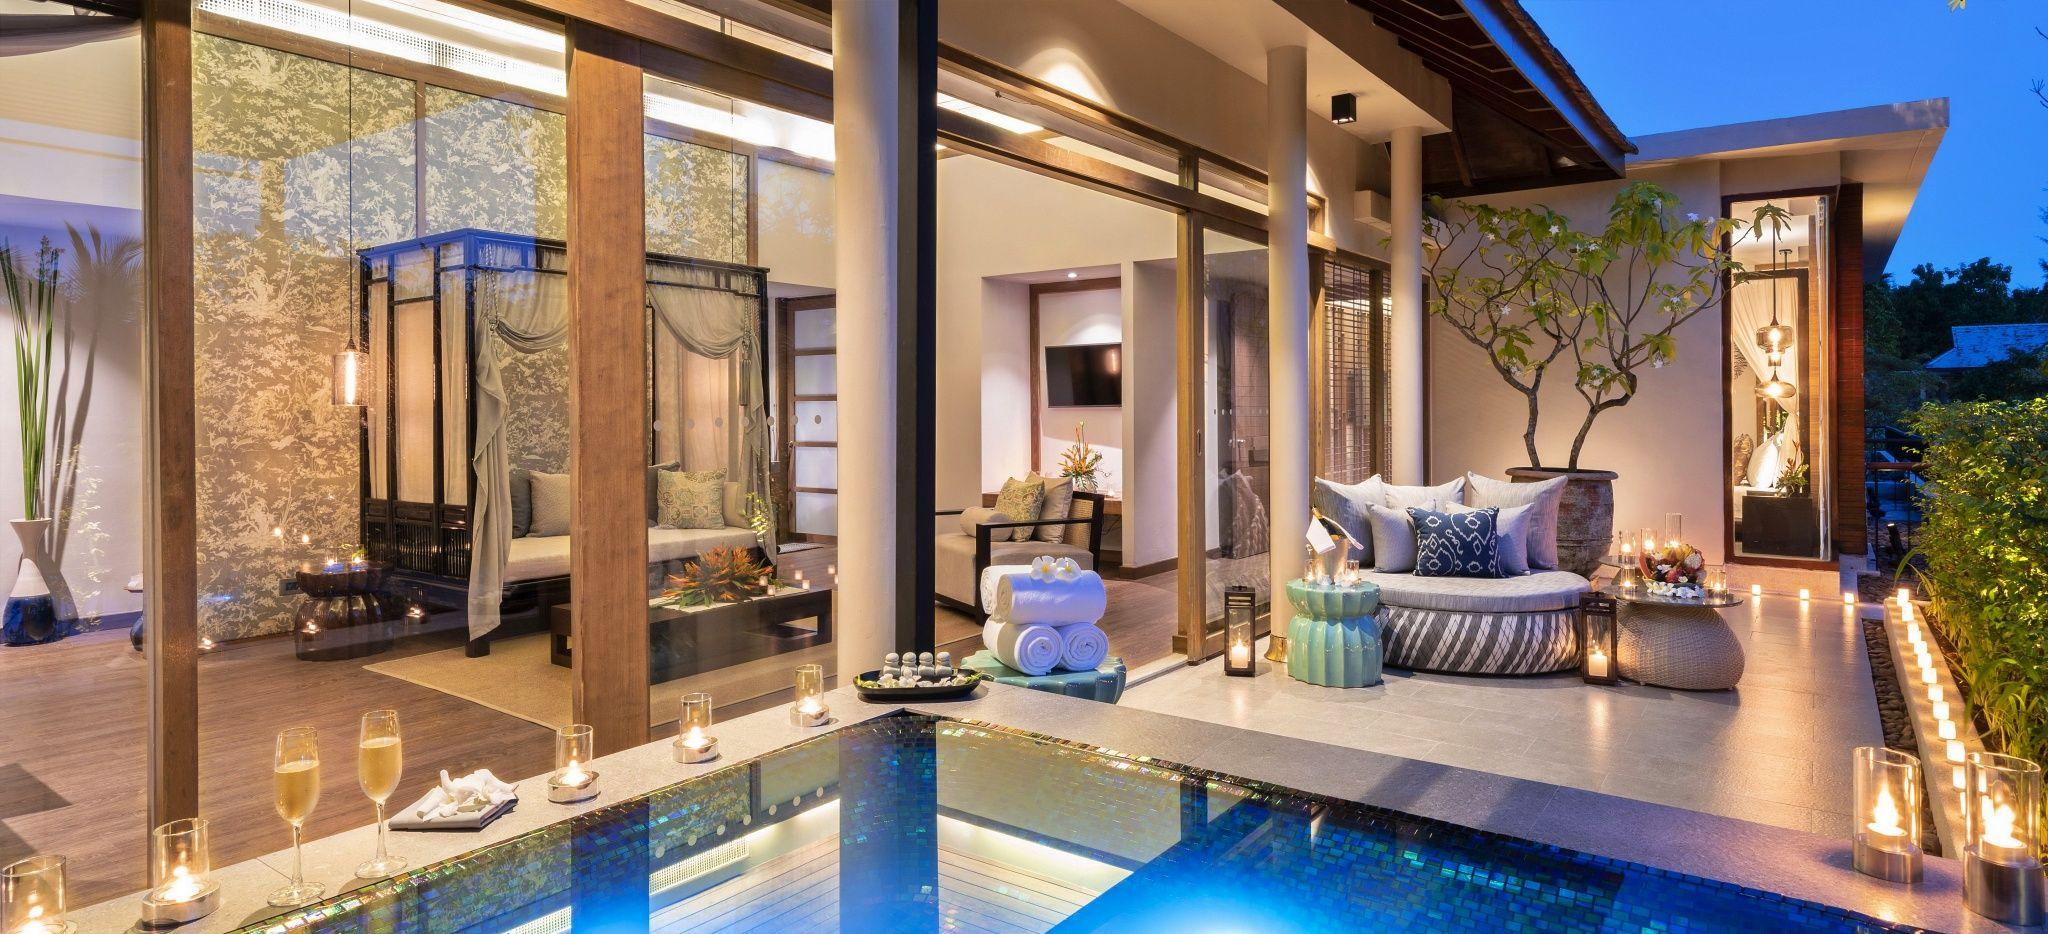 """Eine Terrasse mit einem Pool, vor einem Luxuriösen Hotelzimmer, die """"Jacuzzi Pool Suite"""" im Hotel The Sarojin"""